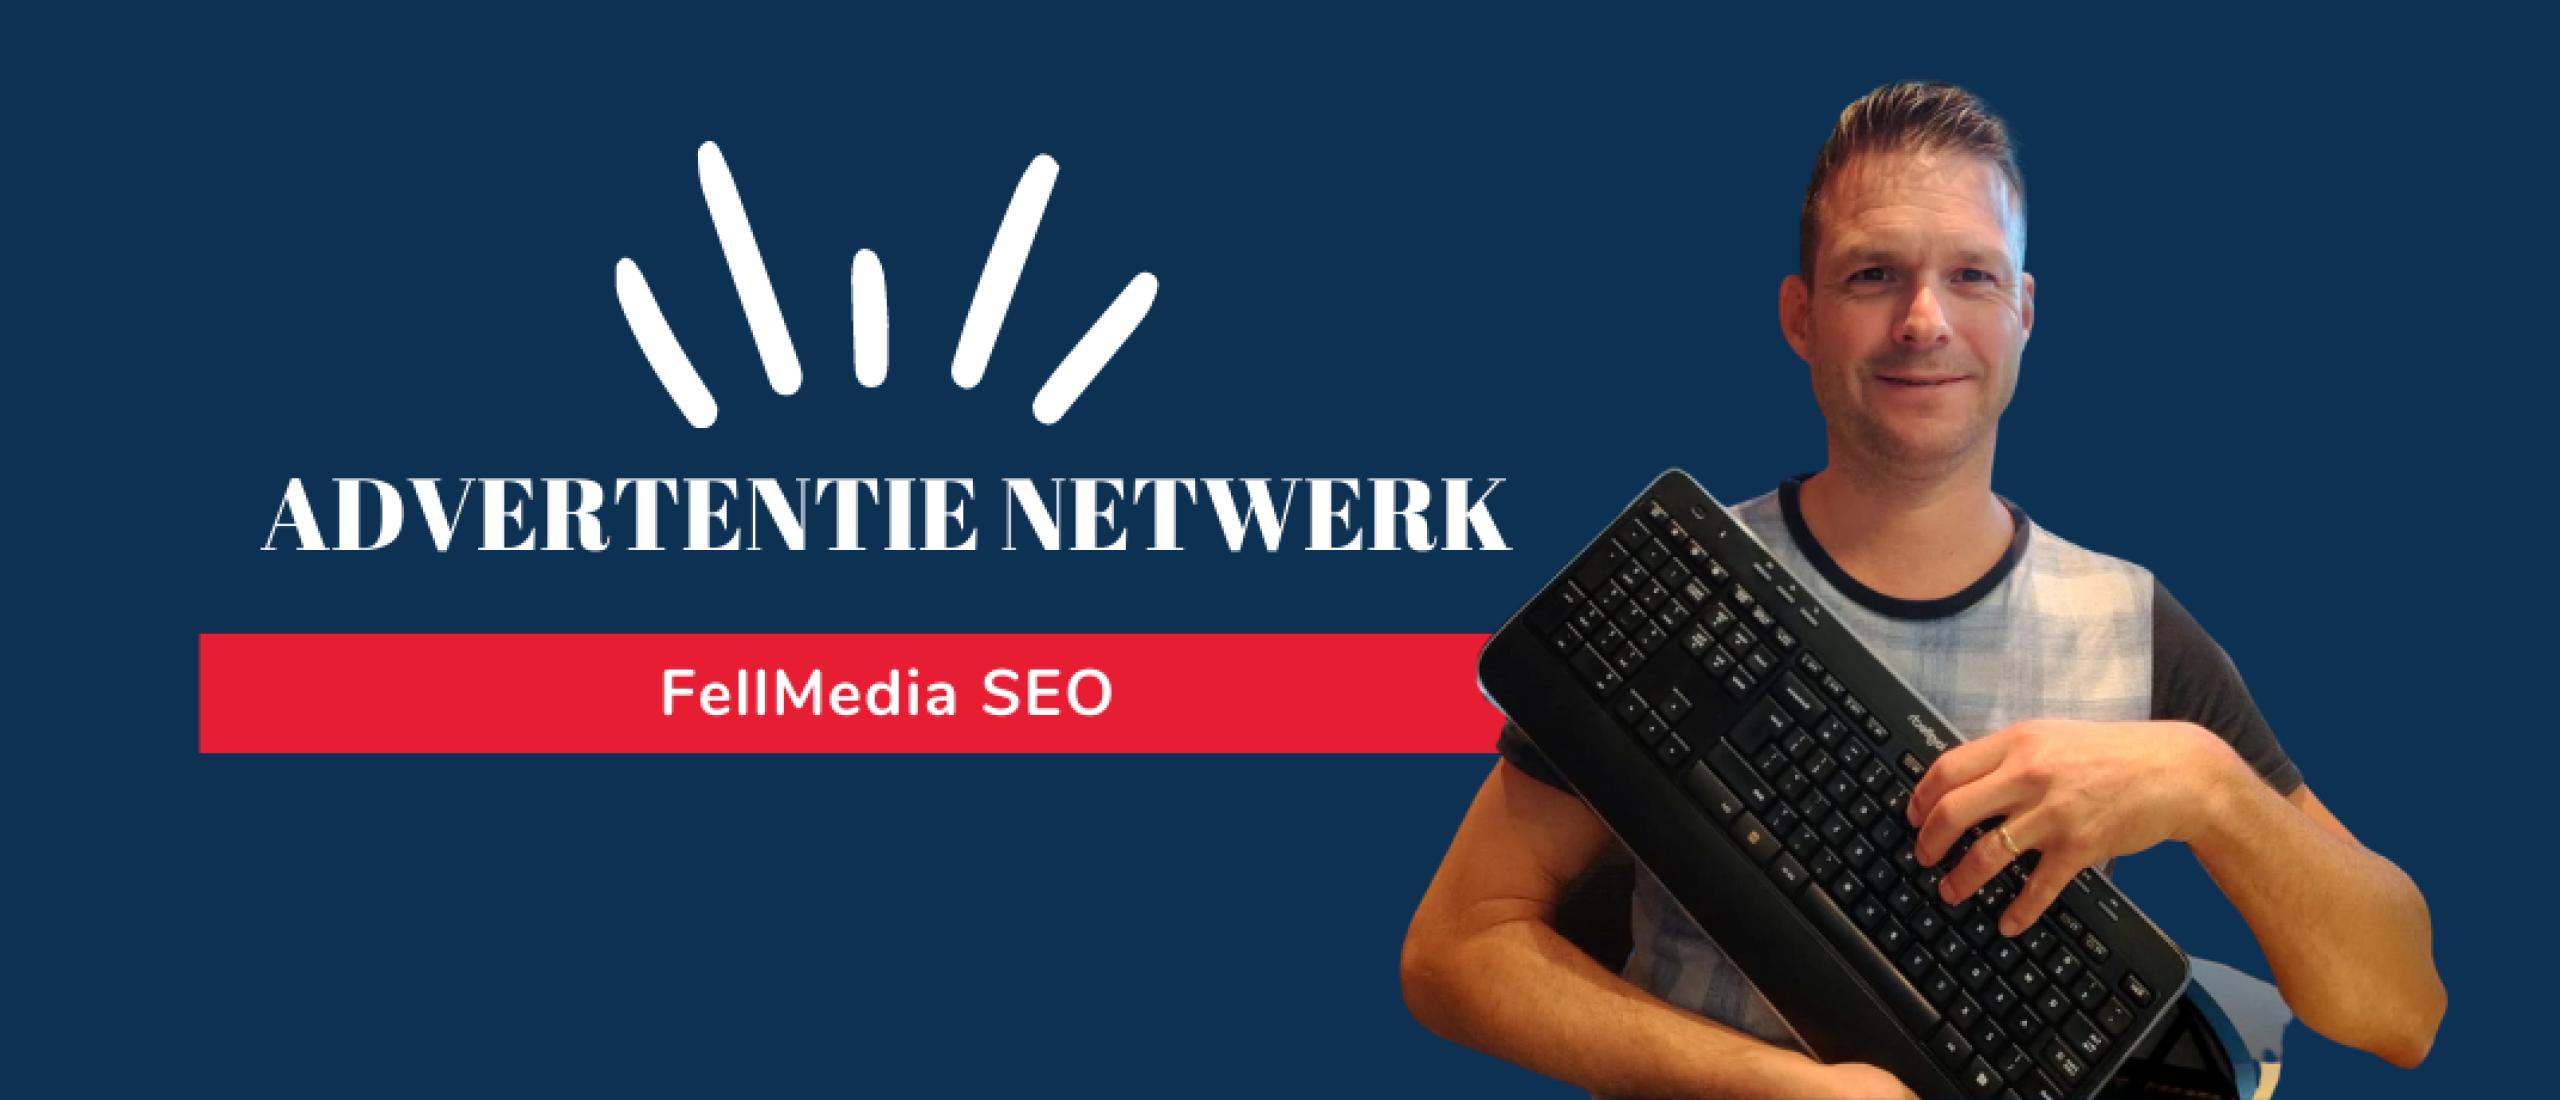 Advertentie Netwerk